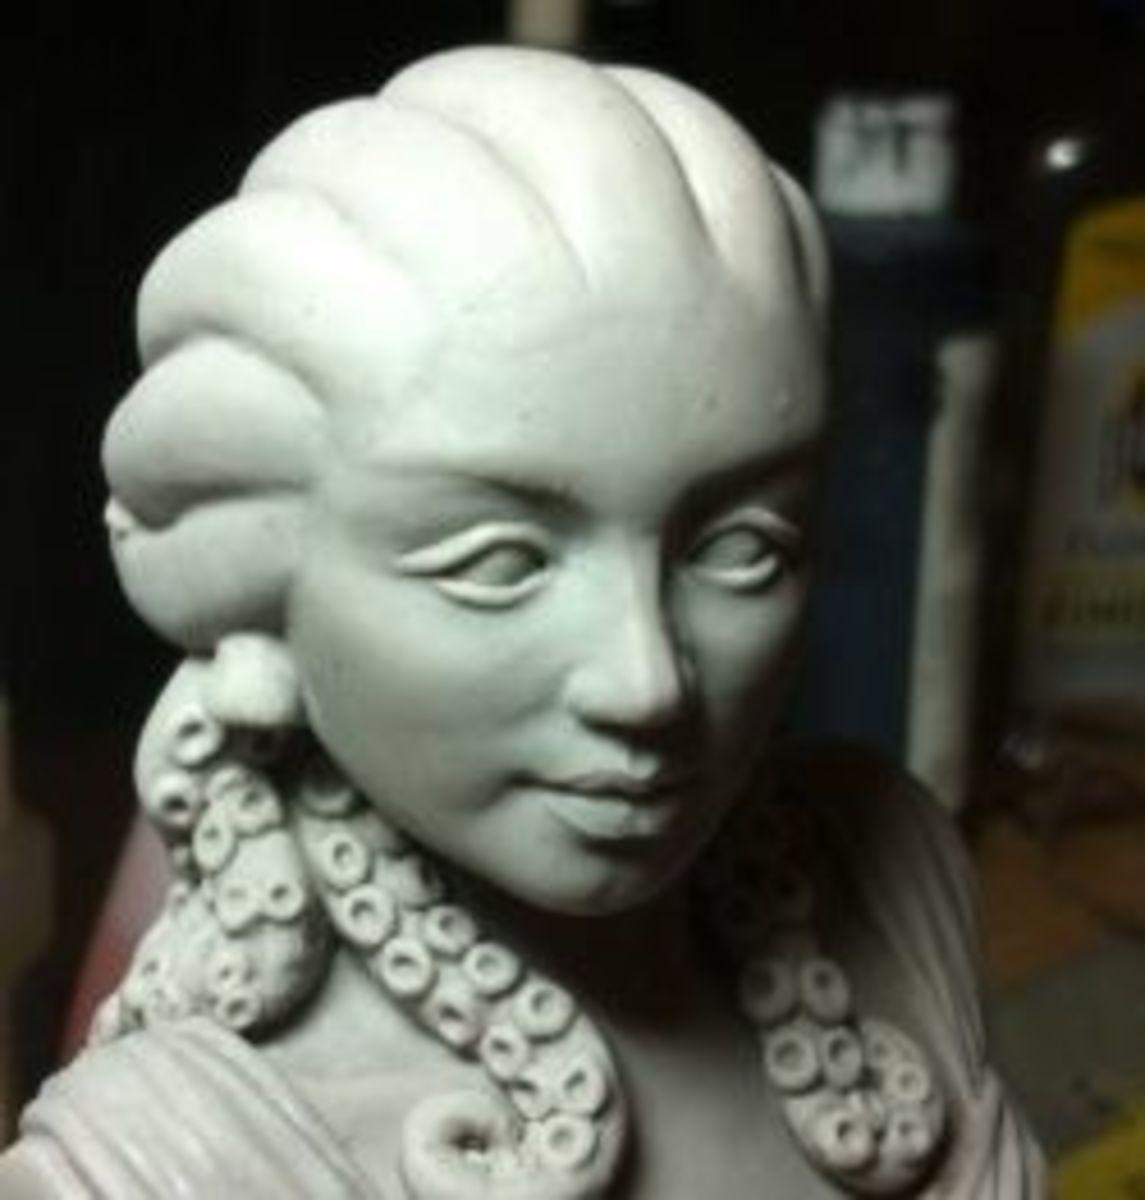 sculpting-eyes